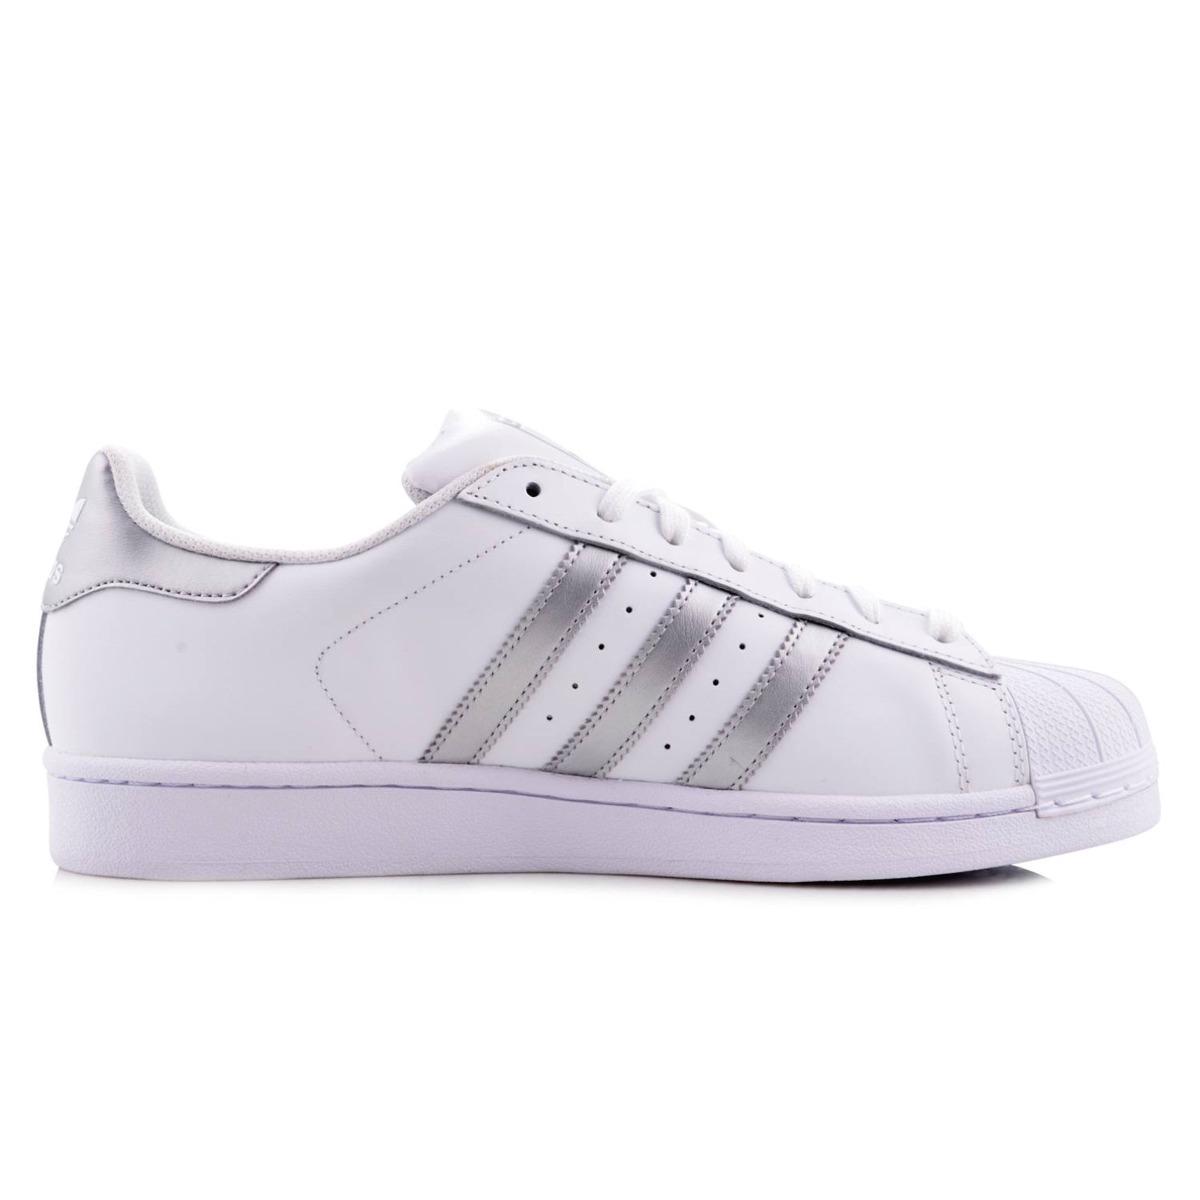 2c1e648e204 germany adidas blanco zapatos de moda superstar afb5f 6c90e  ireland tenis adidas  superstar blanco plateado 6.5. cargando zoom. 94460 4c724